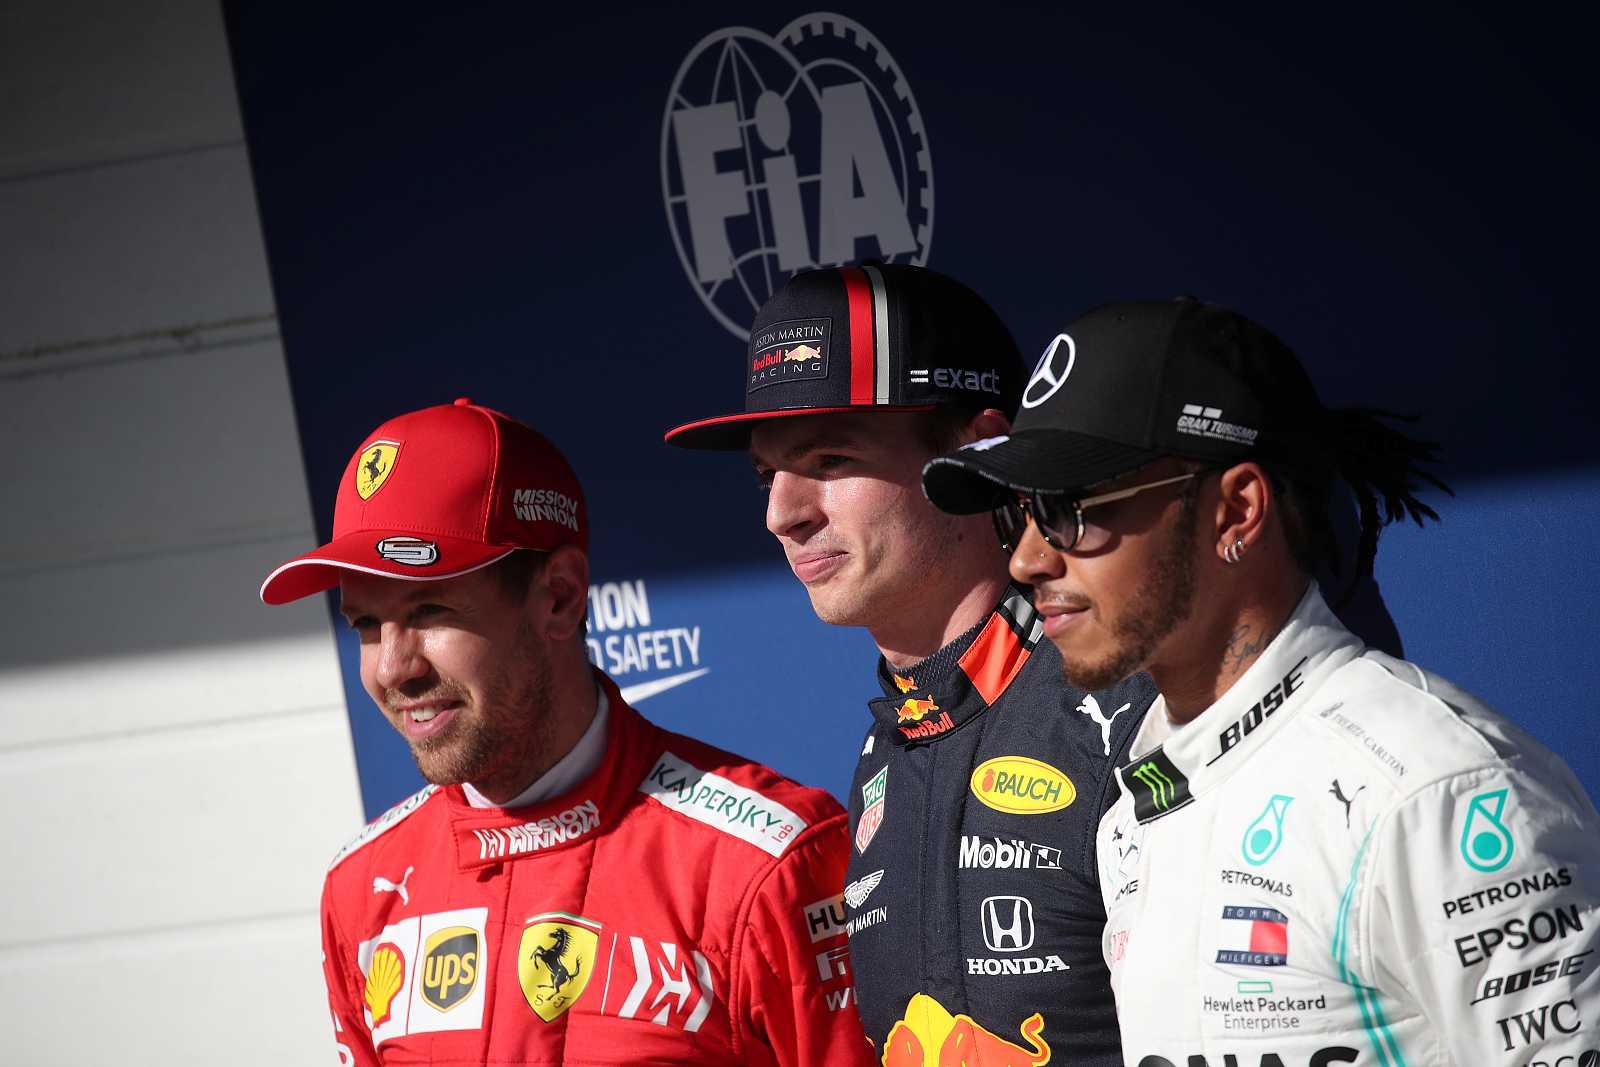 El neerlandés Max Verstappen, de la escudería Red Bull, saldrá este domingo desde la primera posición de la parrilla en el Gran Premio de Brasil.